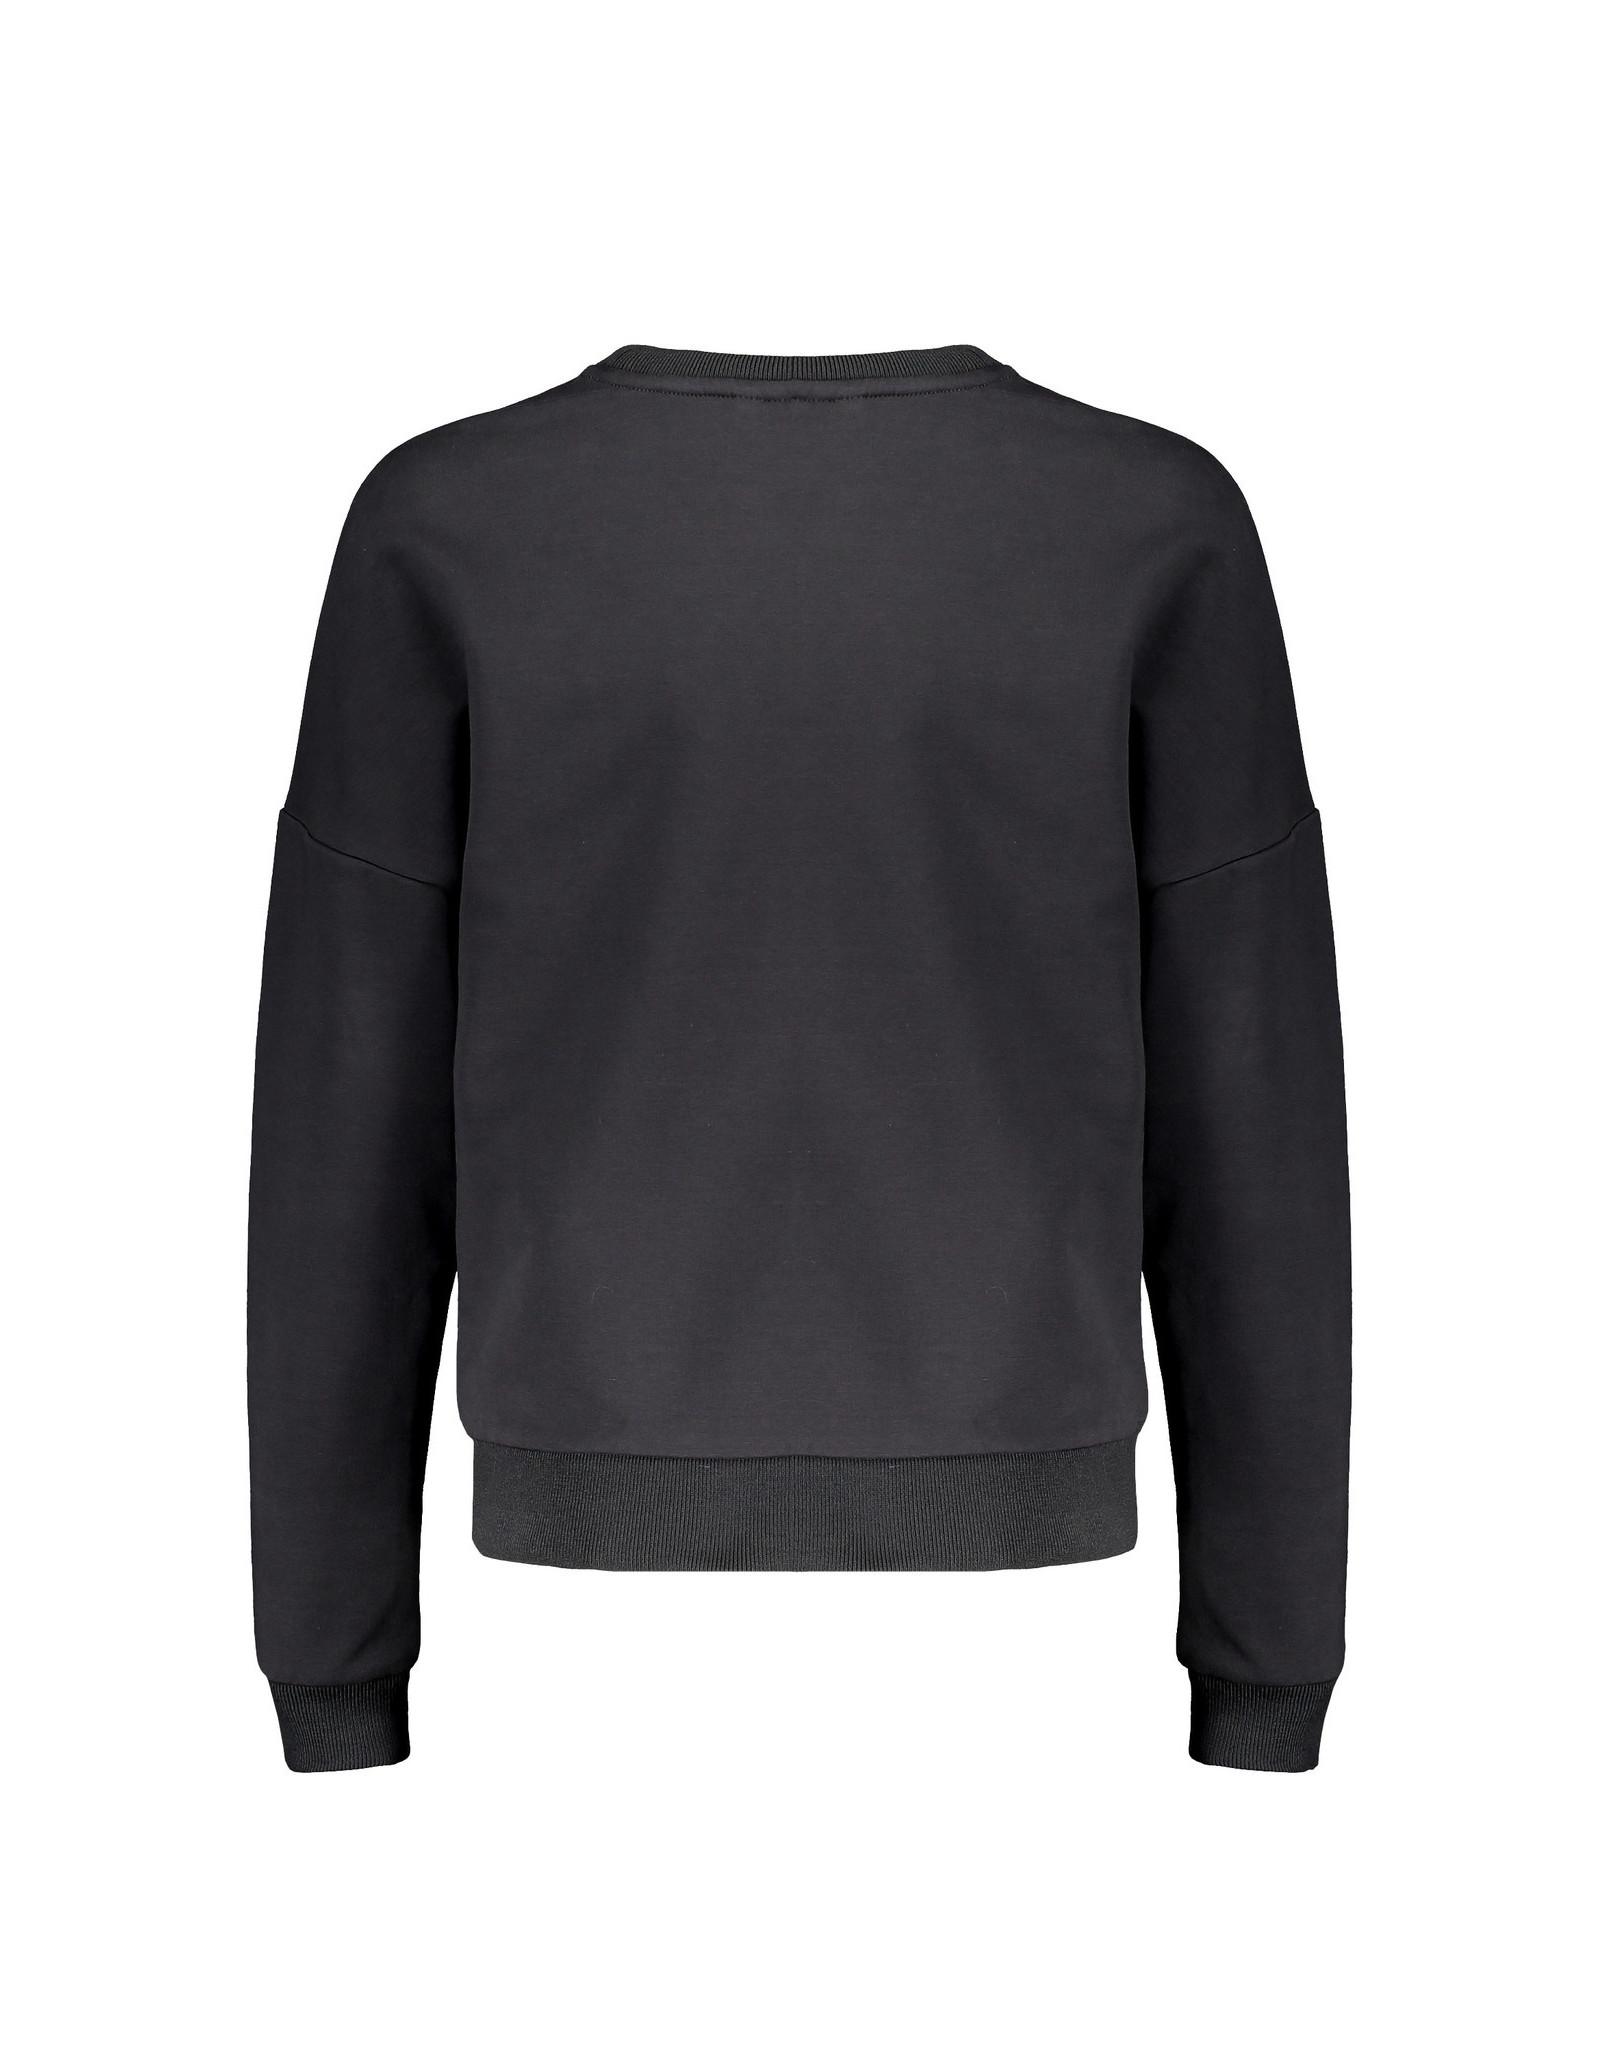 Nobell NoBell oversized sweater 3304 phantom